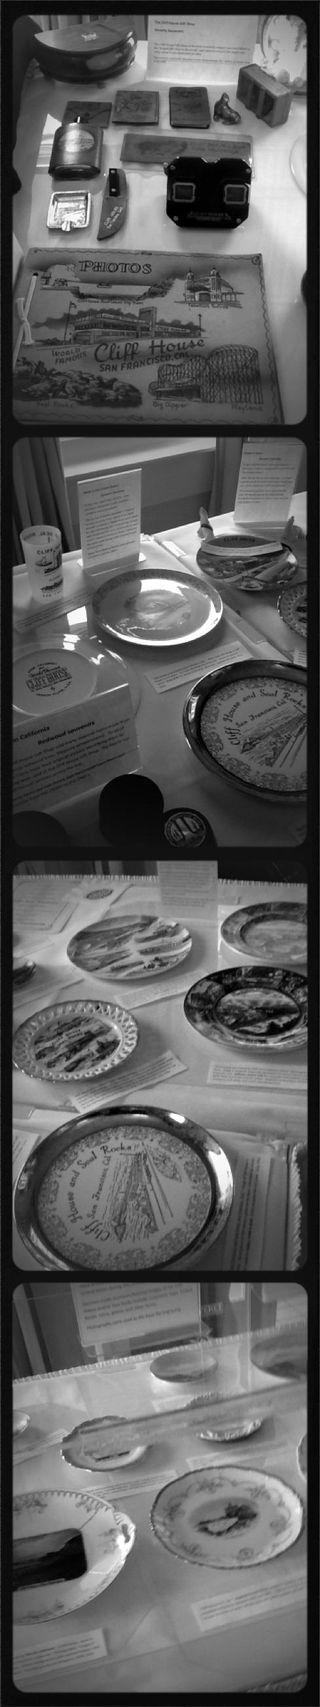 Photostrip-1-souvenirs